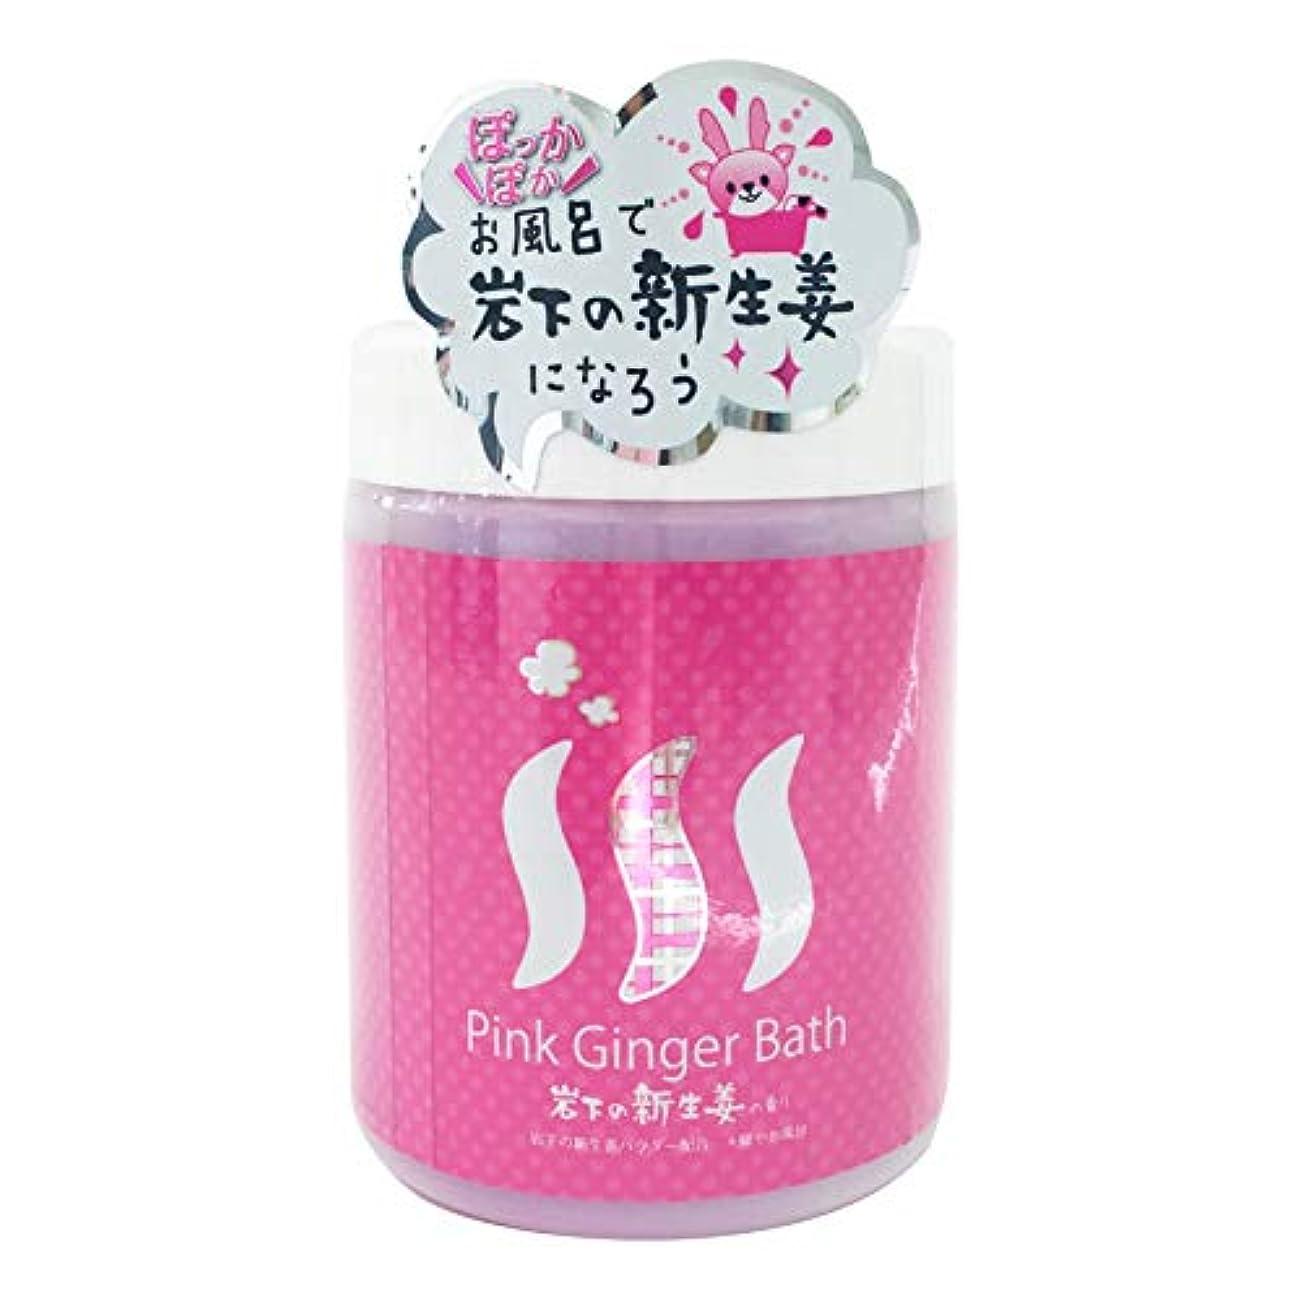 時間厳守資金降雨ピンクジンジャーバス 入浴剤 岩下の新生姜の香り 370g(7回分)